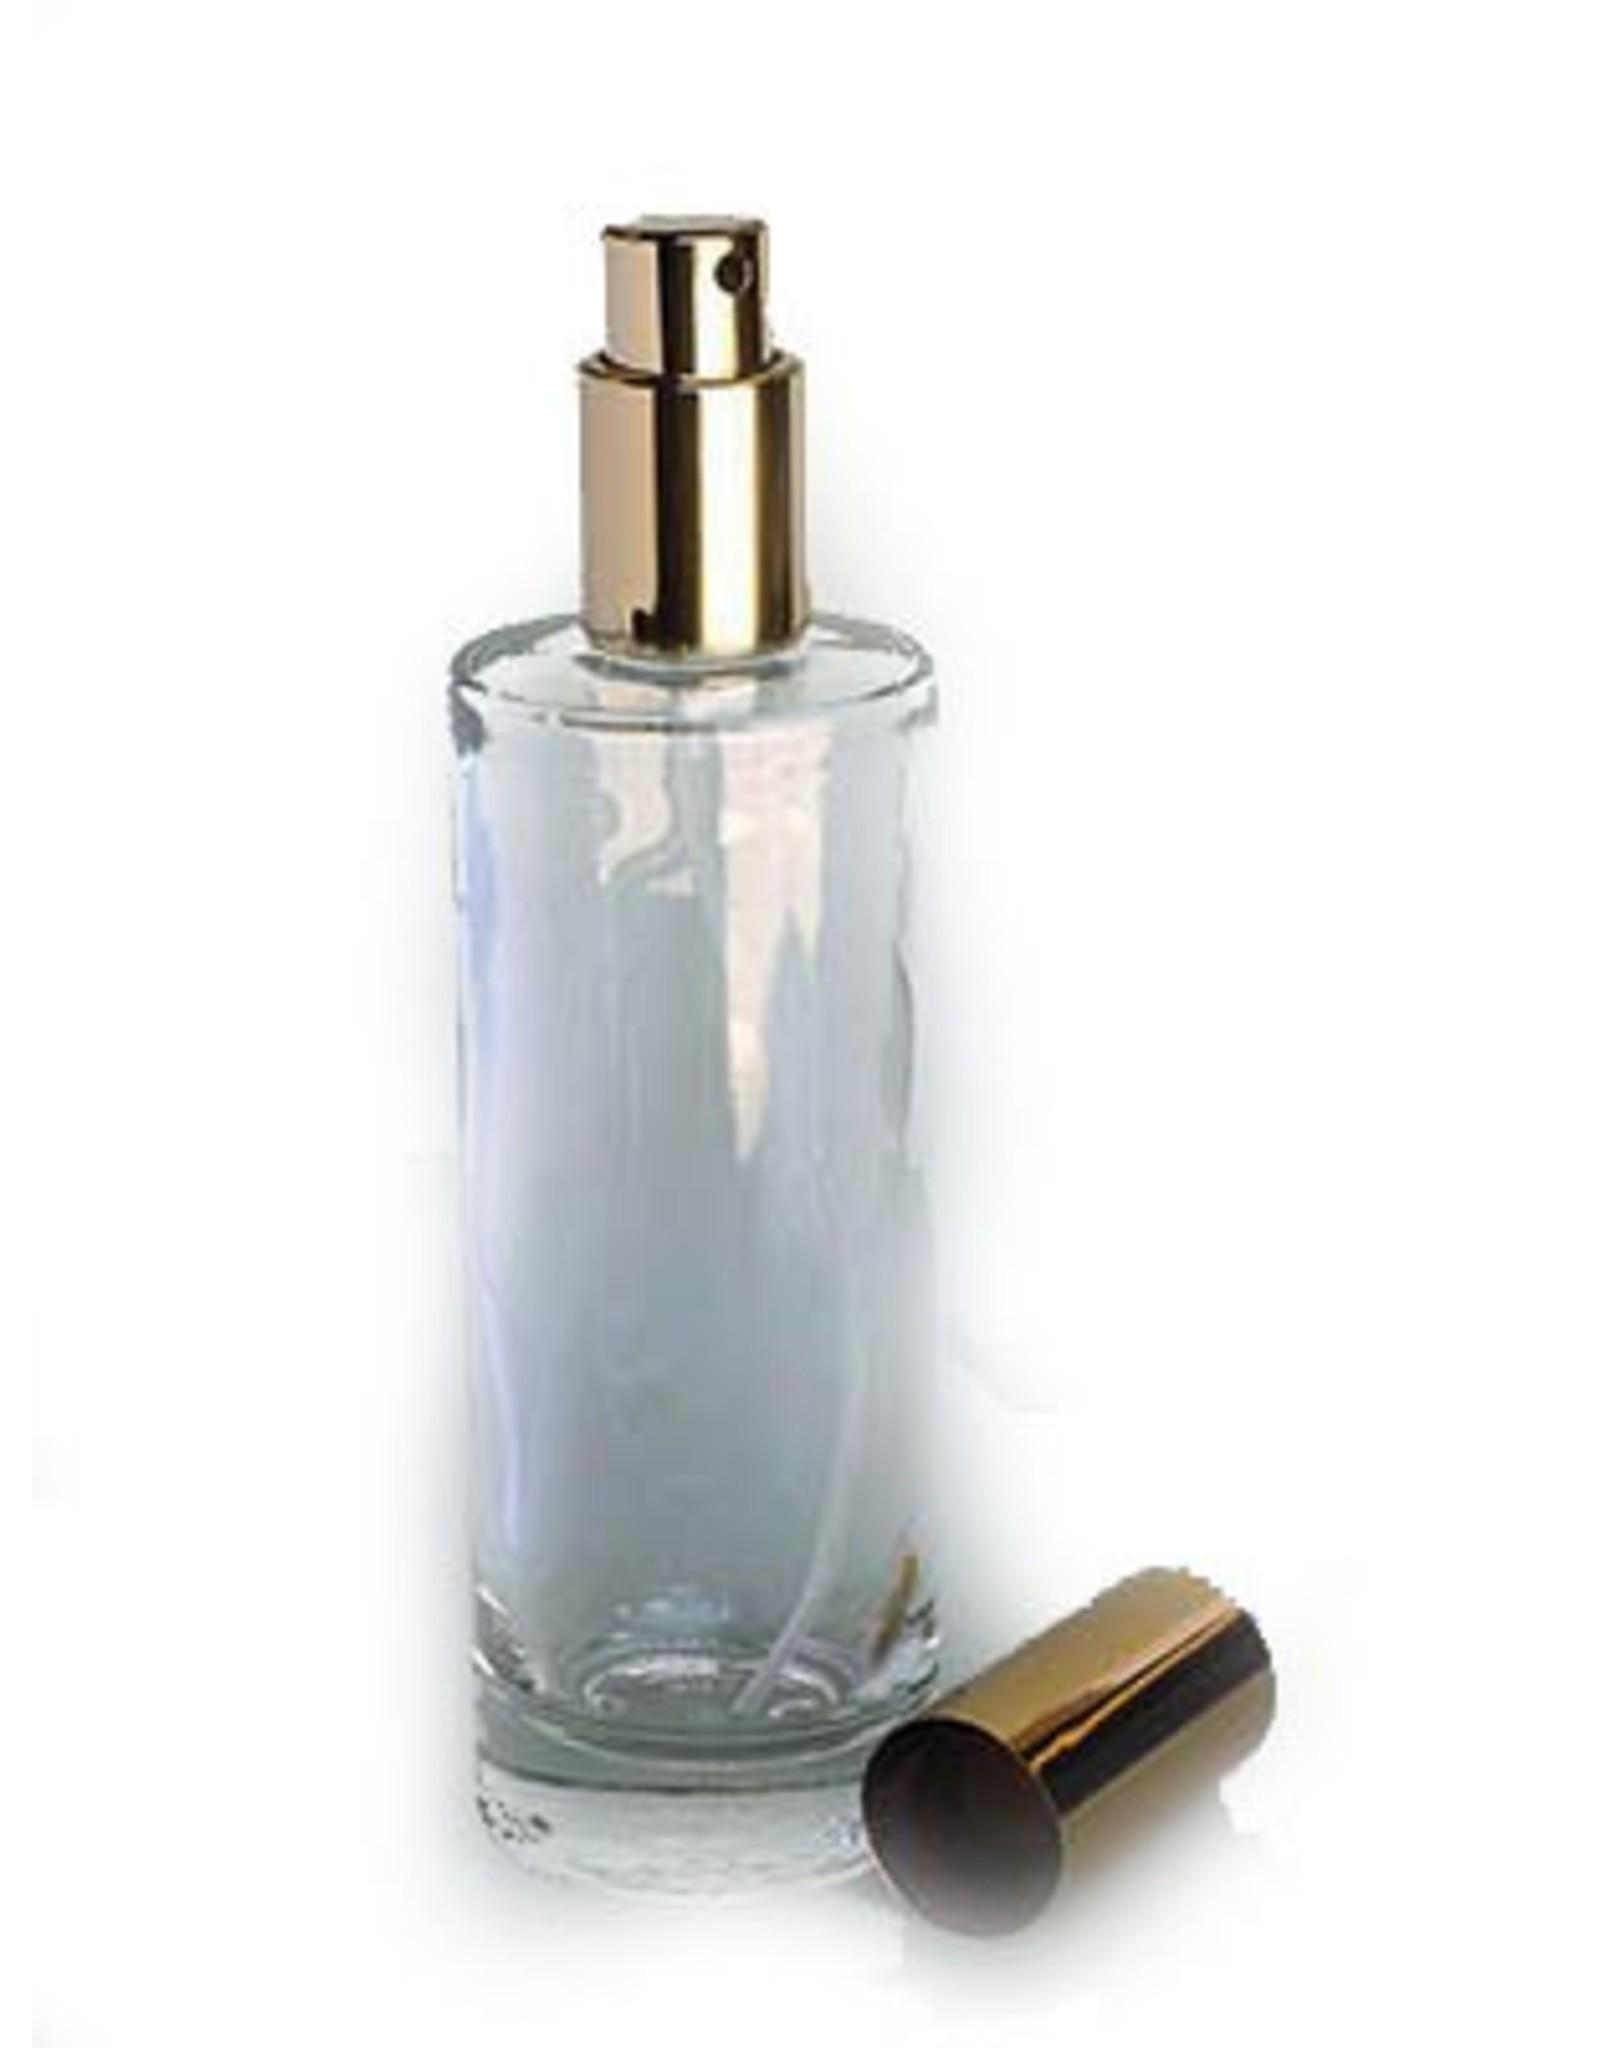 Verstuiverfles met pompje 100 ml - Body & Soap